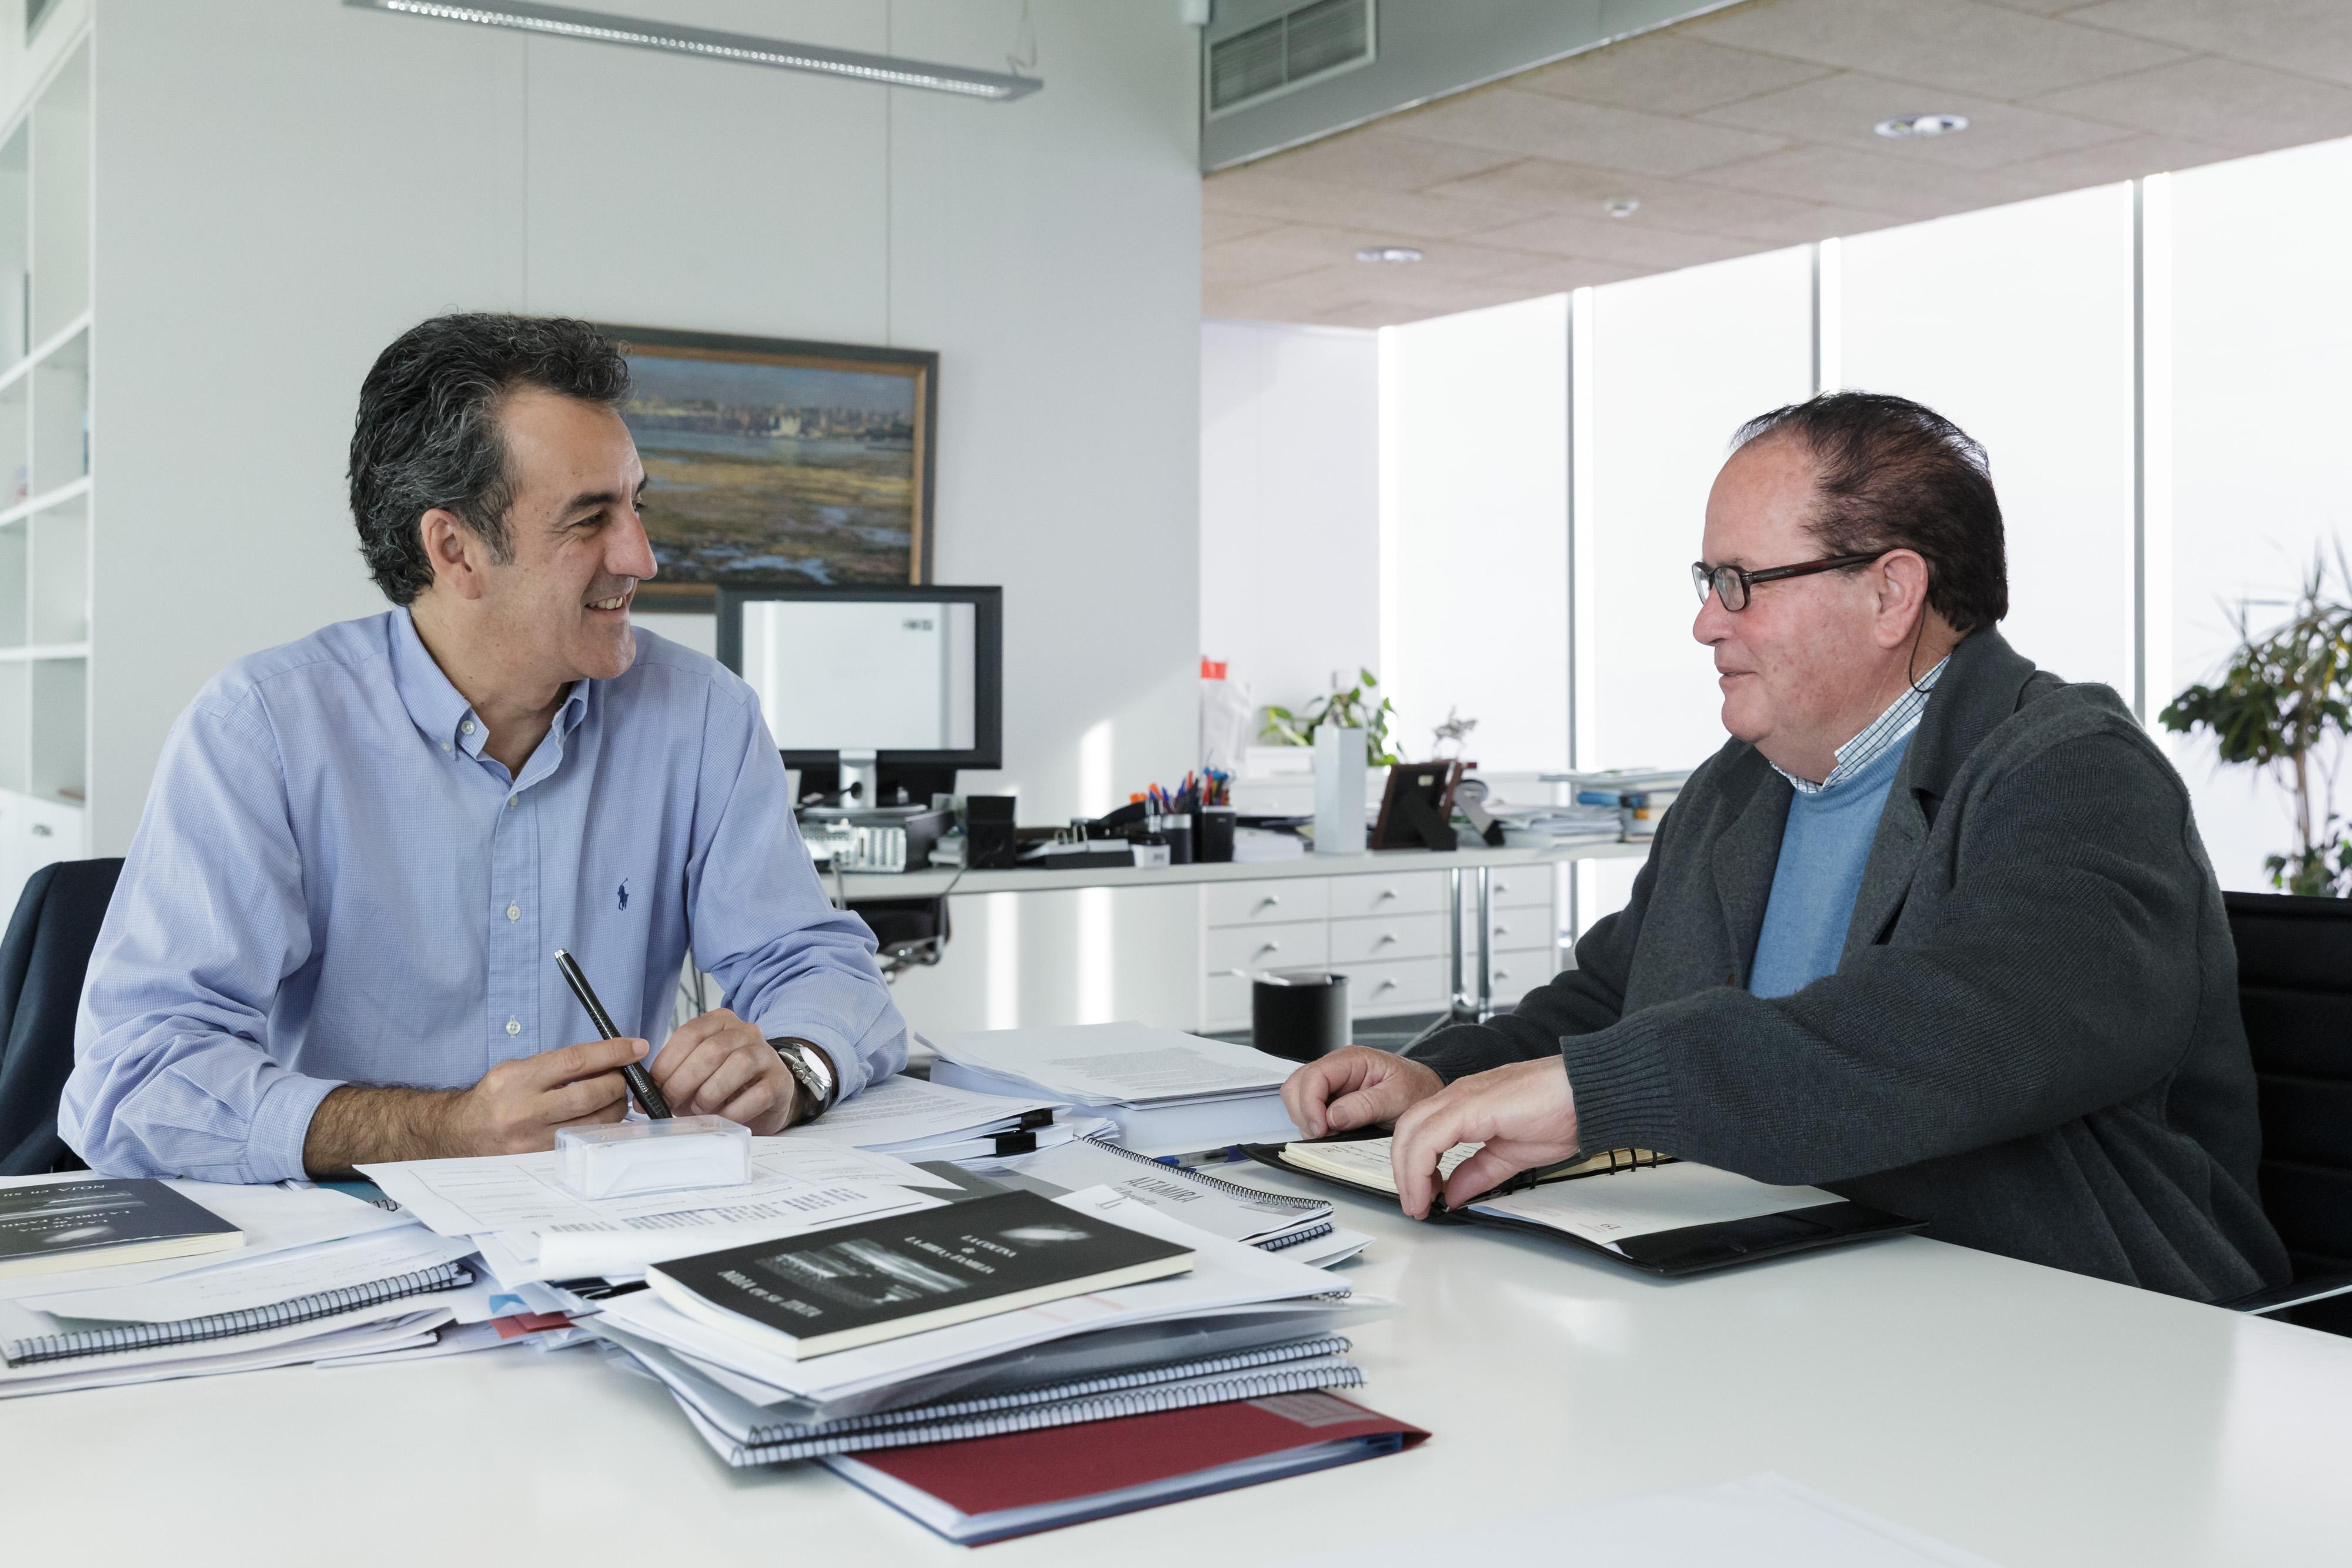 El alcalde de Polaciones, Teodoro Ruiz y el consejero de Innovación, Industria, Turismo y Comercio, Francisco Martín.